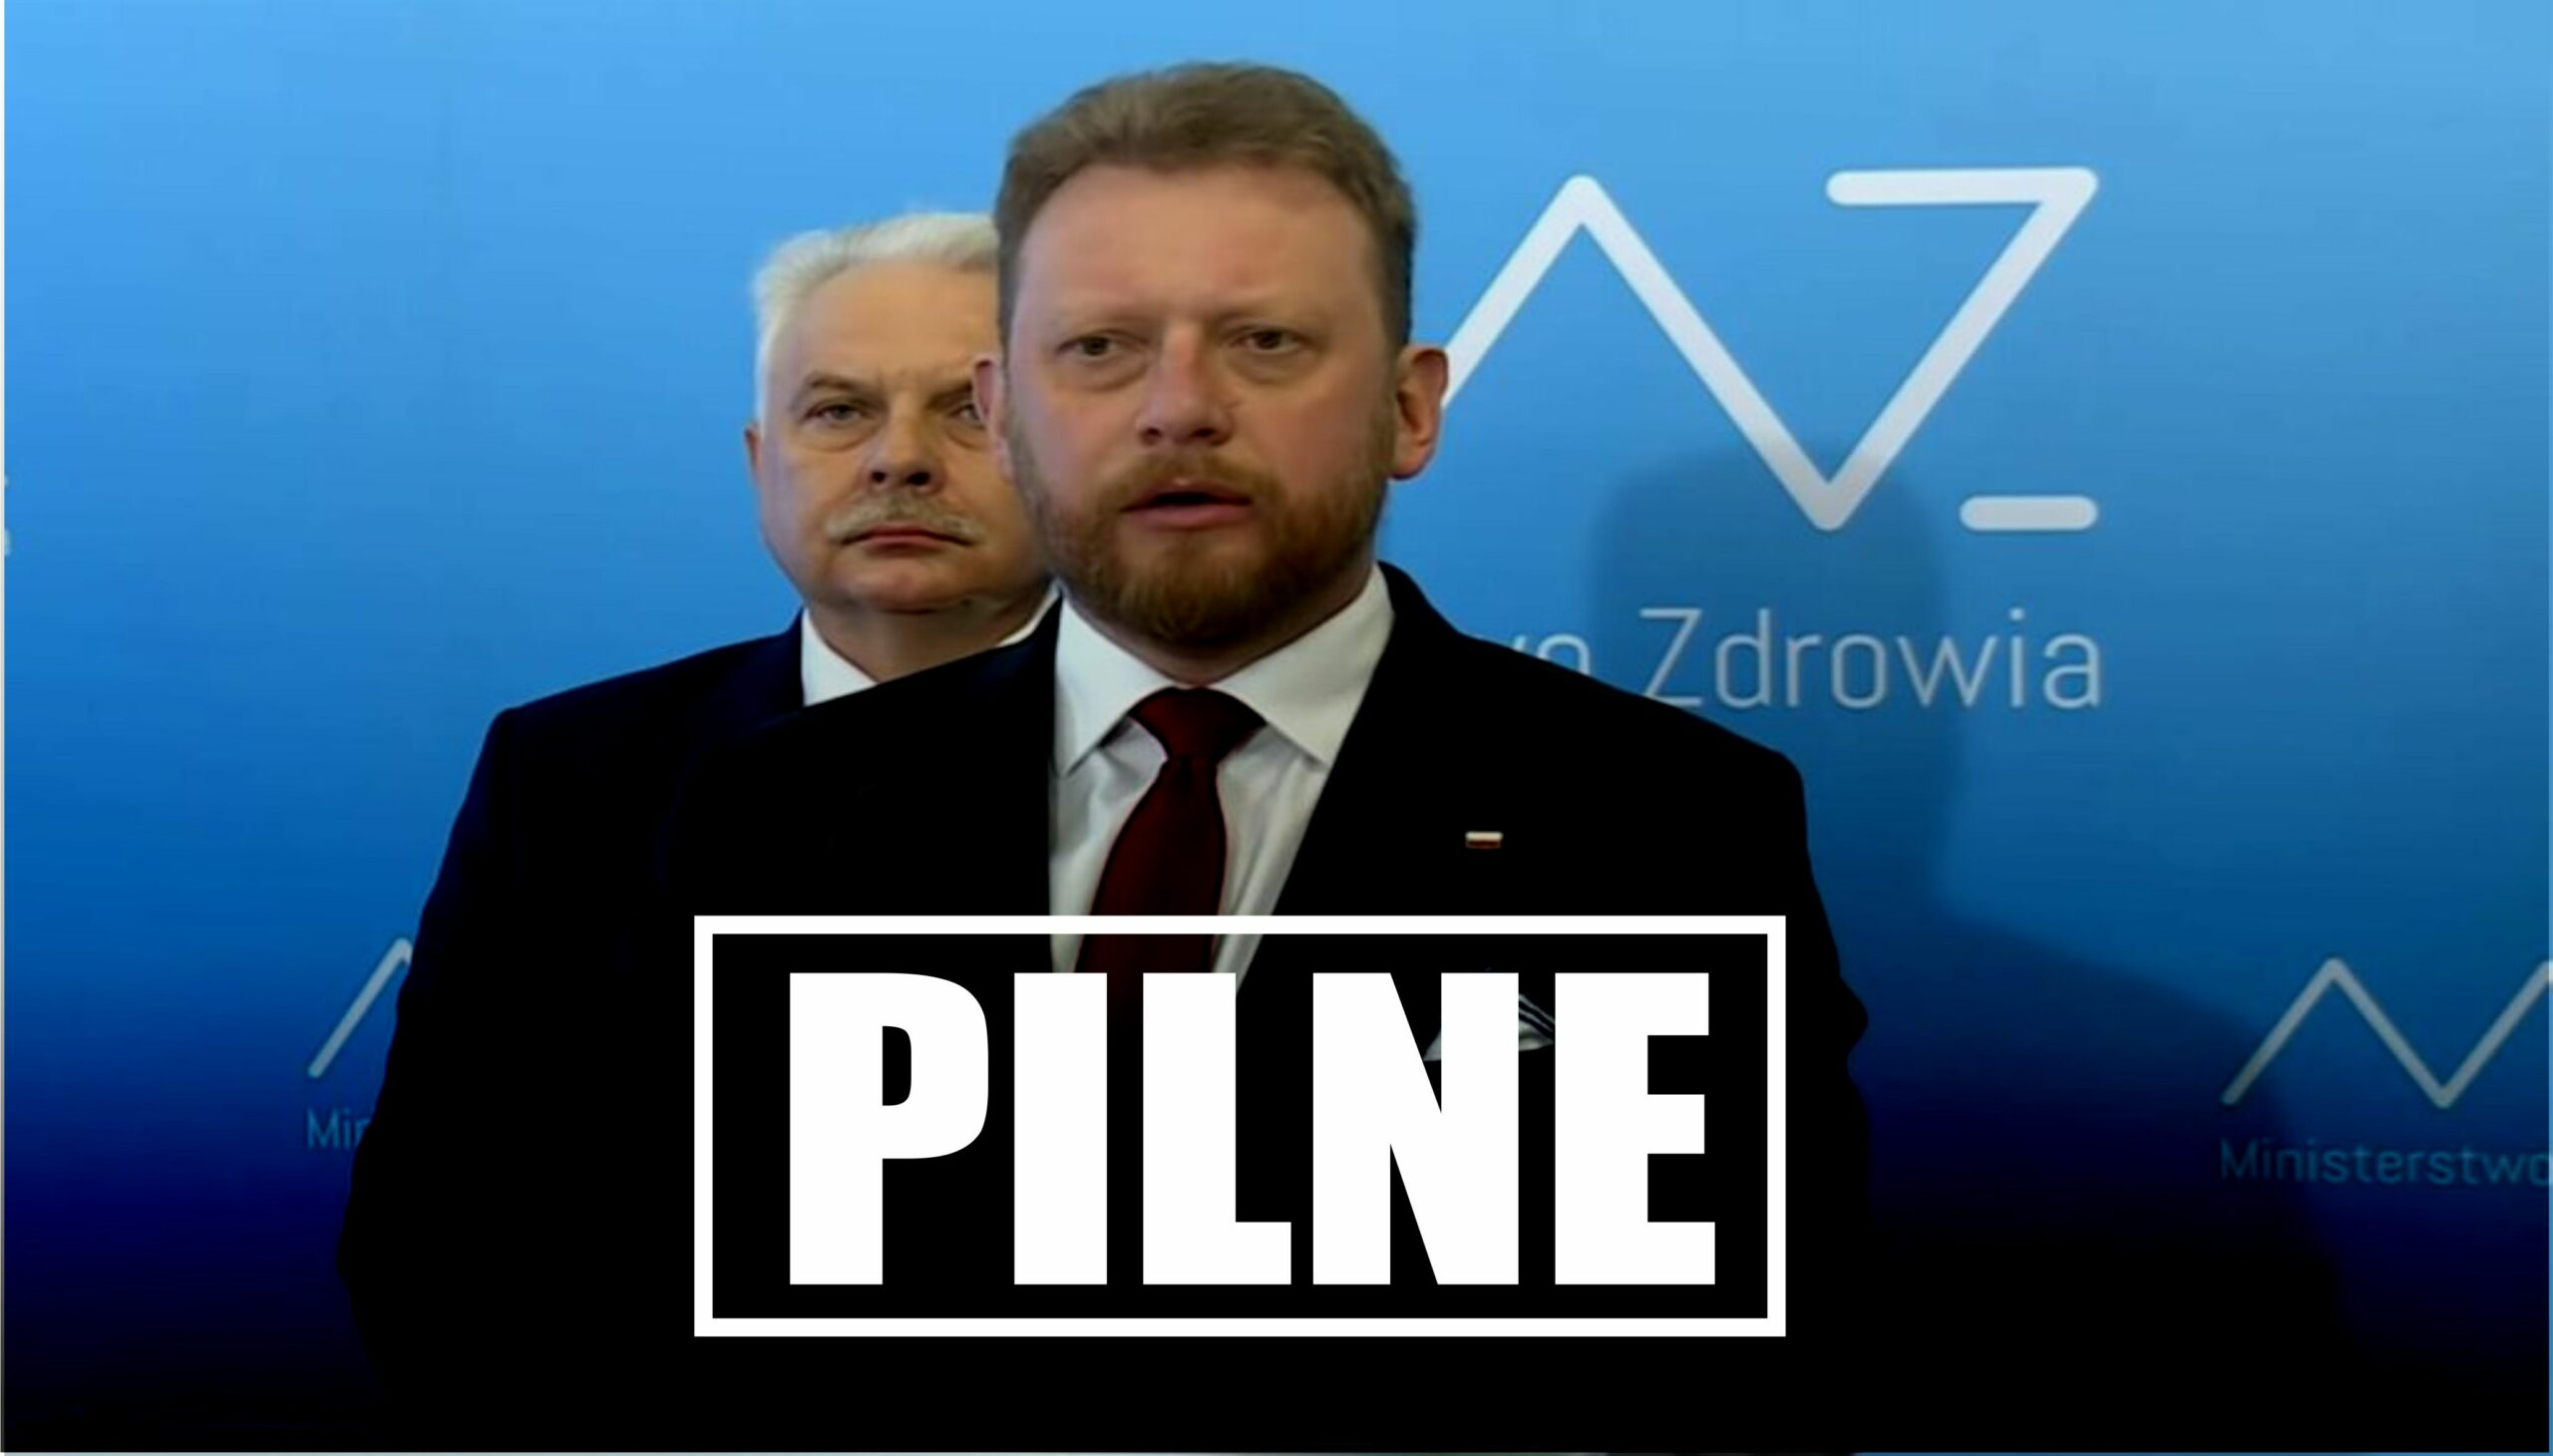 Epidemia koronawirusa nie tyko w Polsce ale i na całym świecie wciąż jest dla nas wielka zagadką, Łukasz Szumowski powiedział co nasz czeka w przyszłości